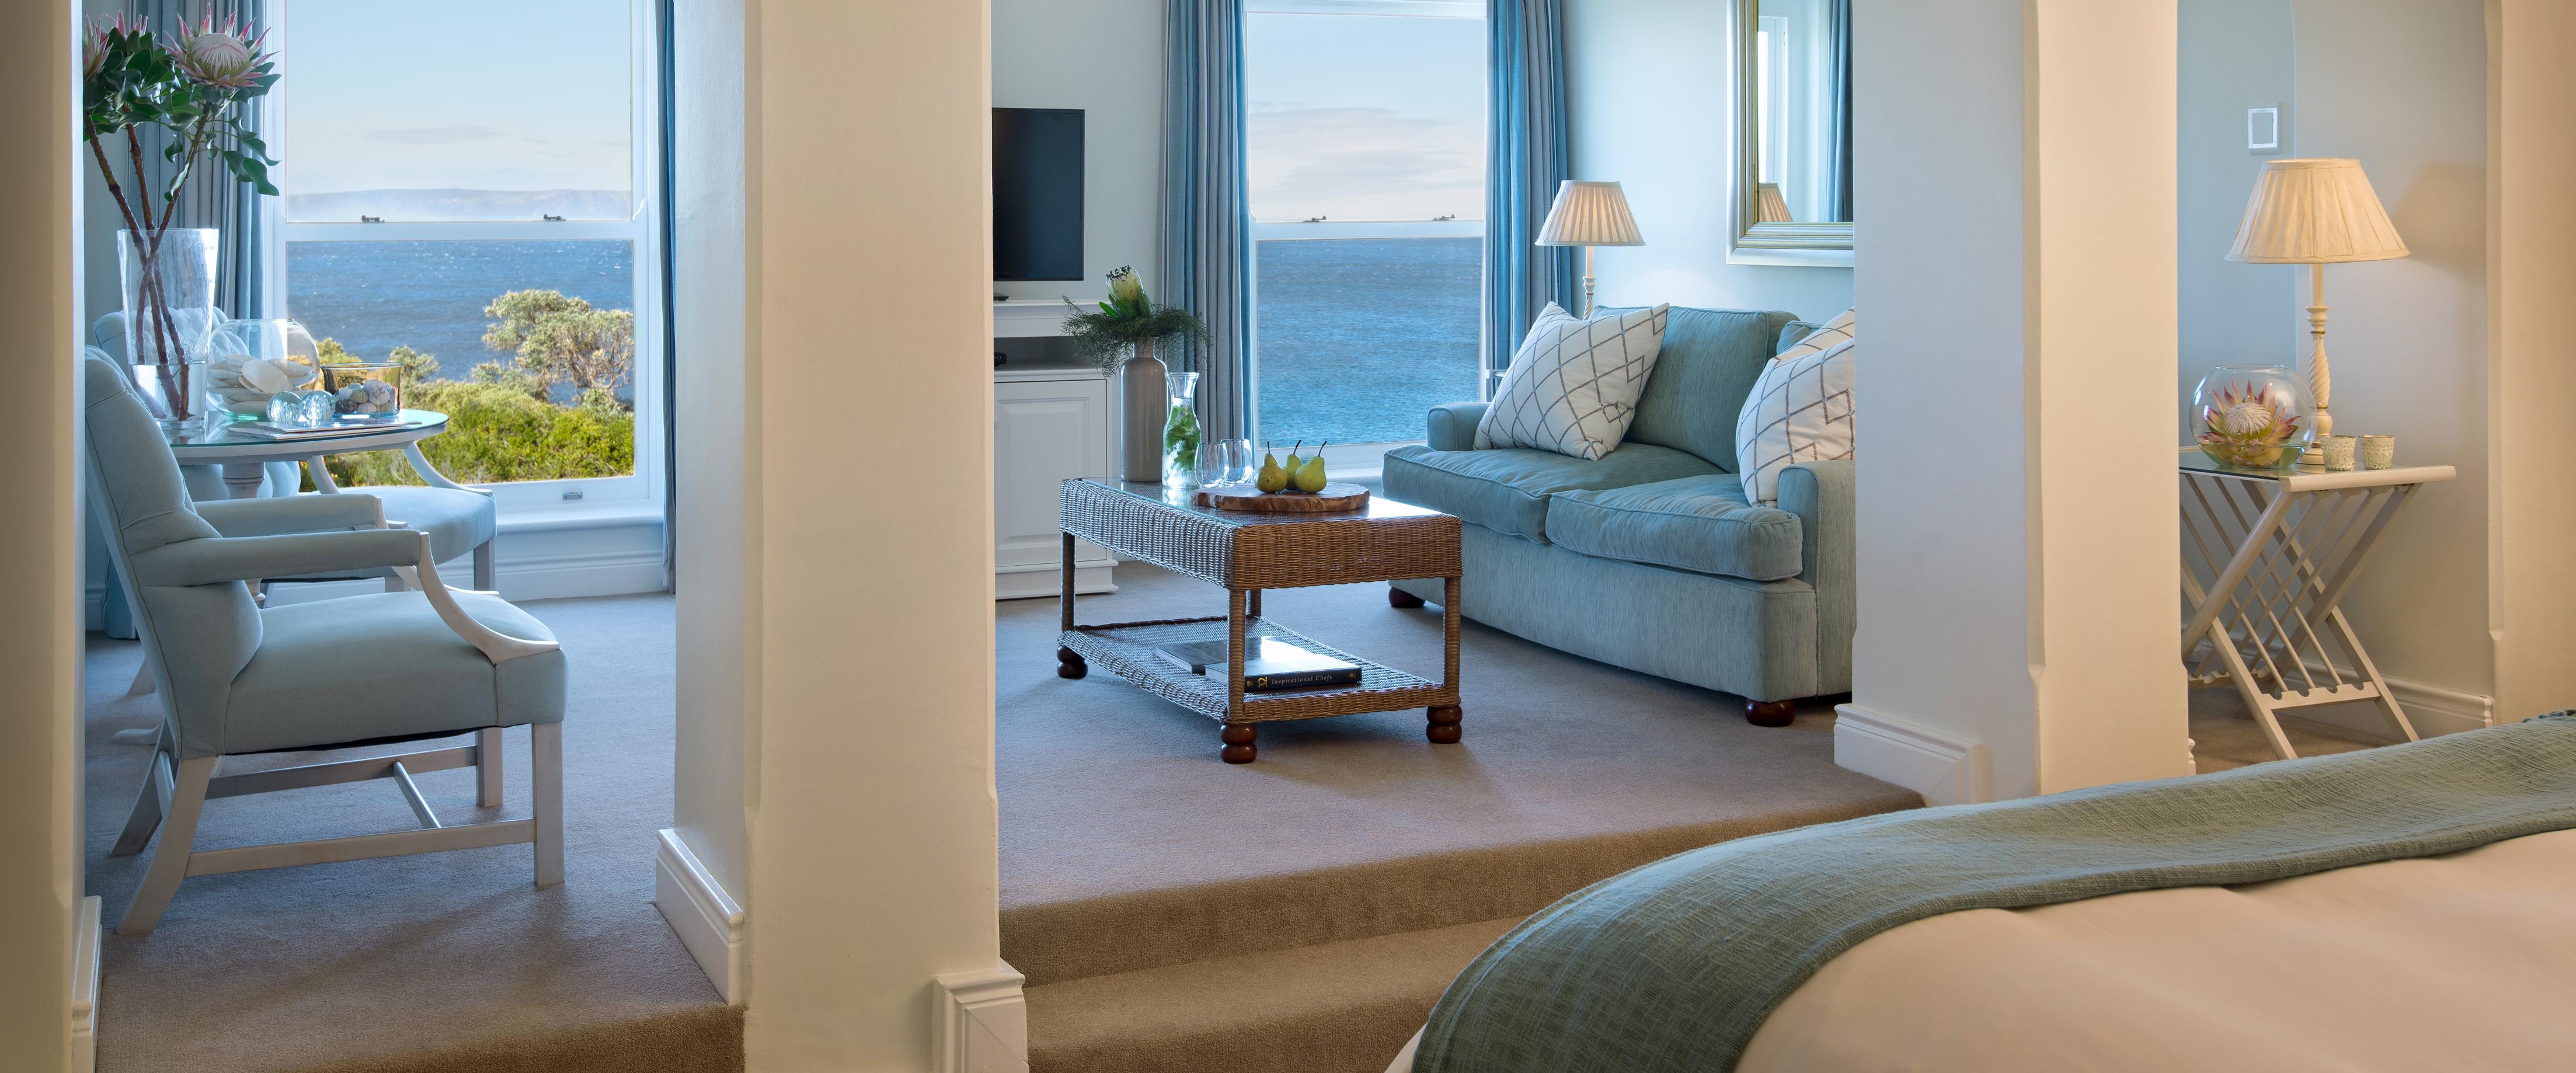 the-marine-hotel-suite